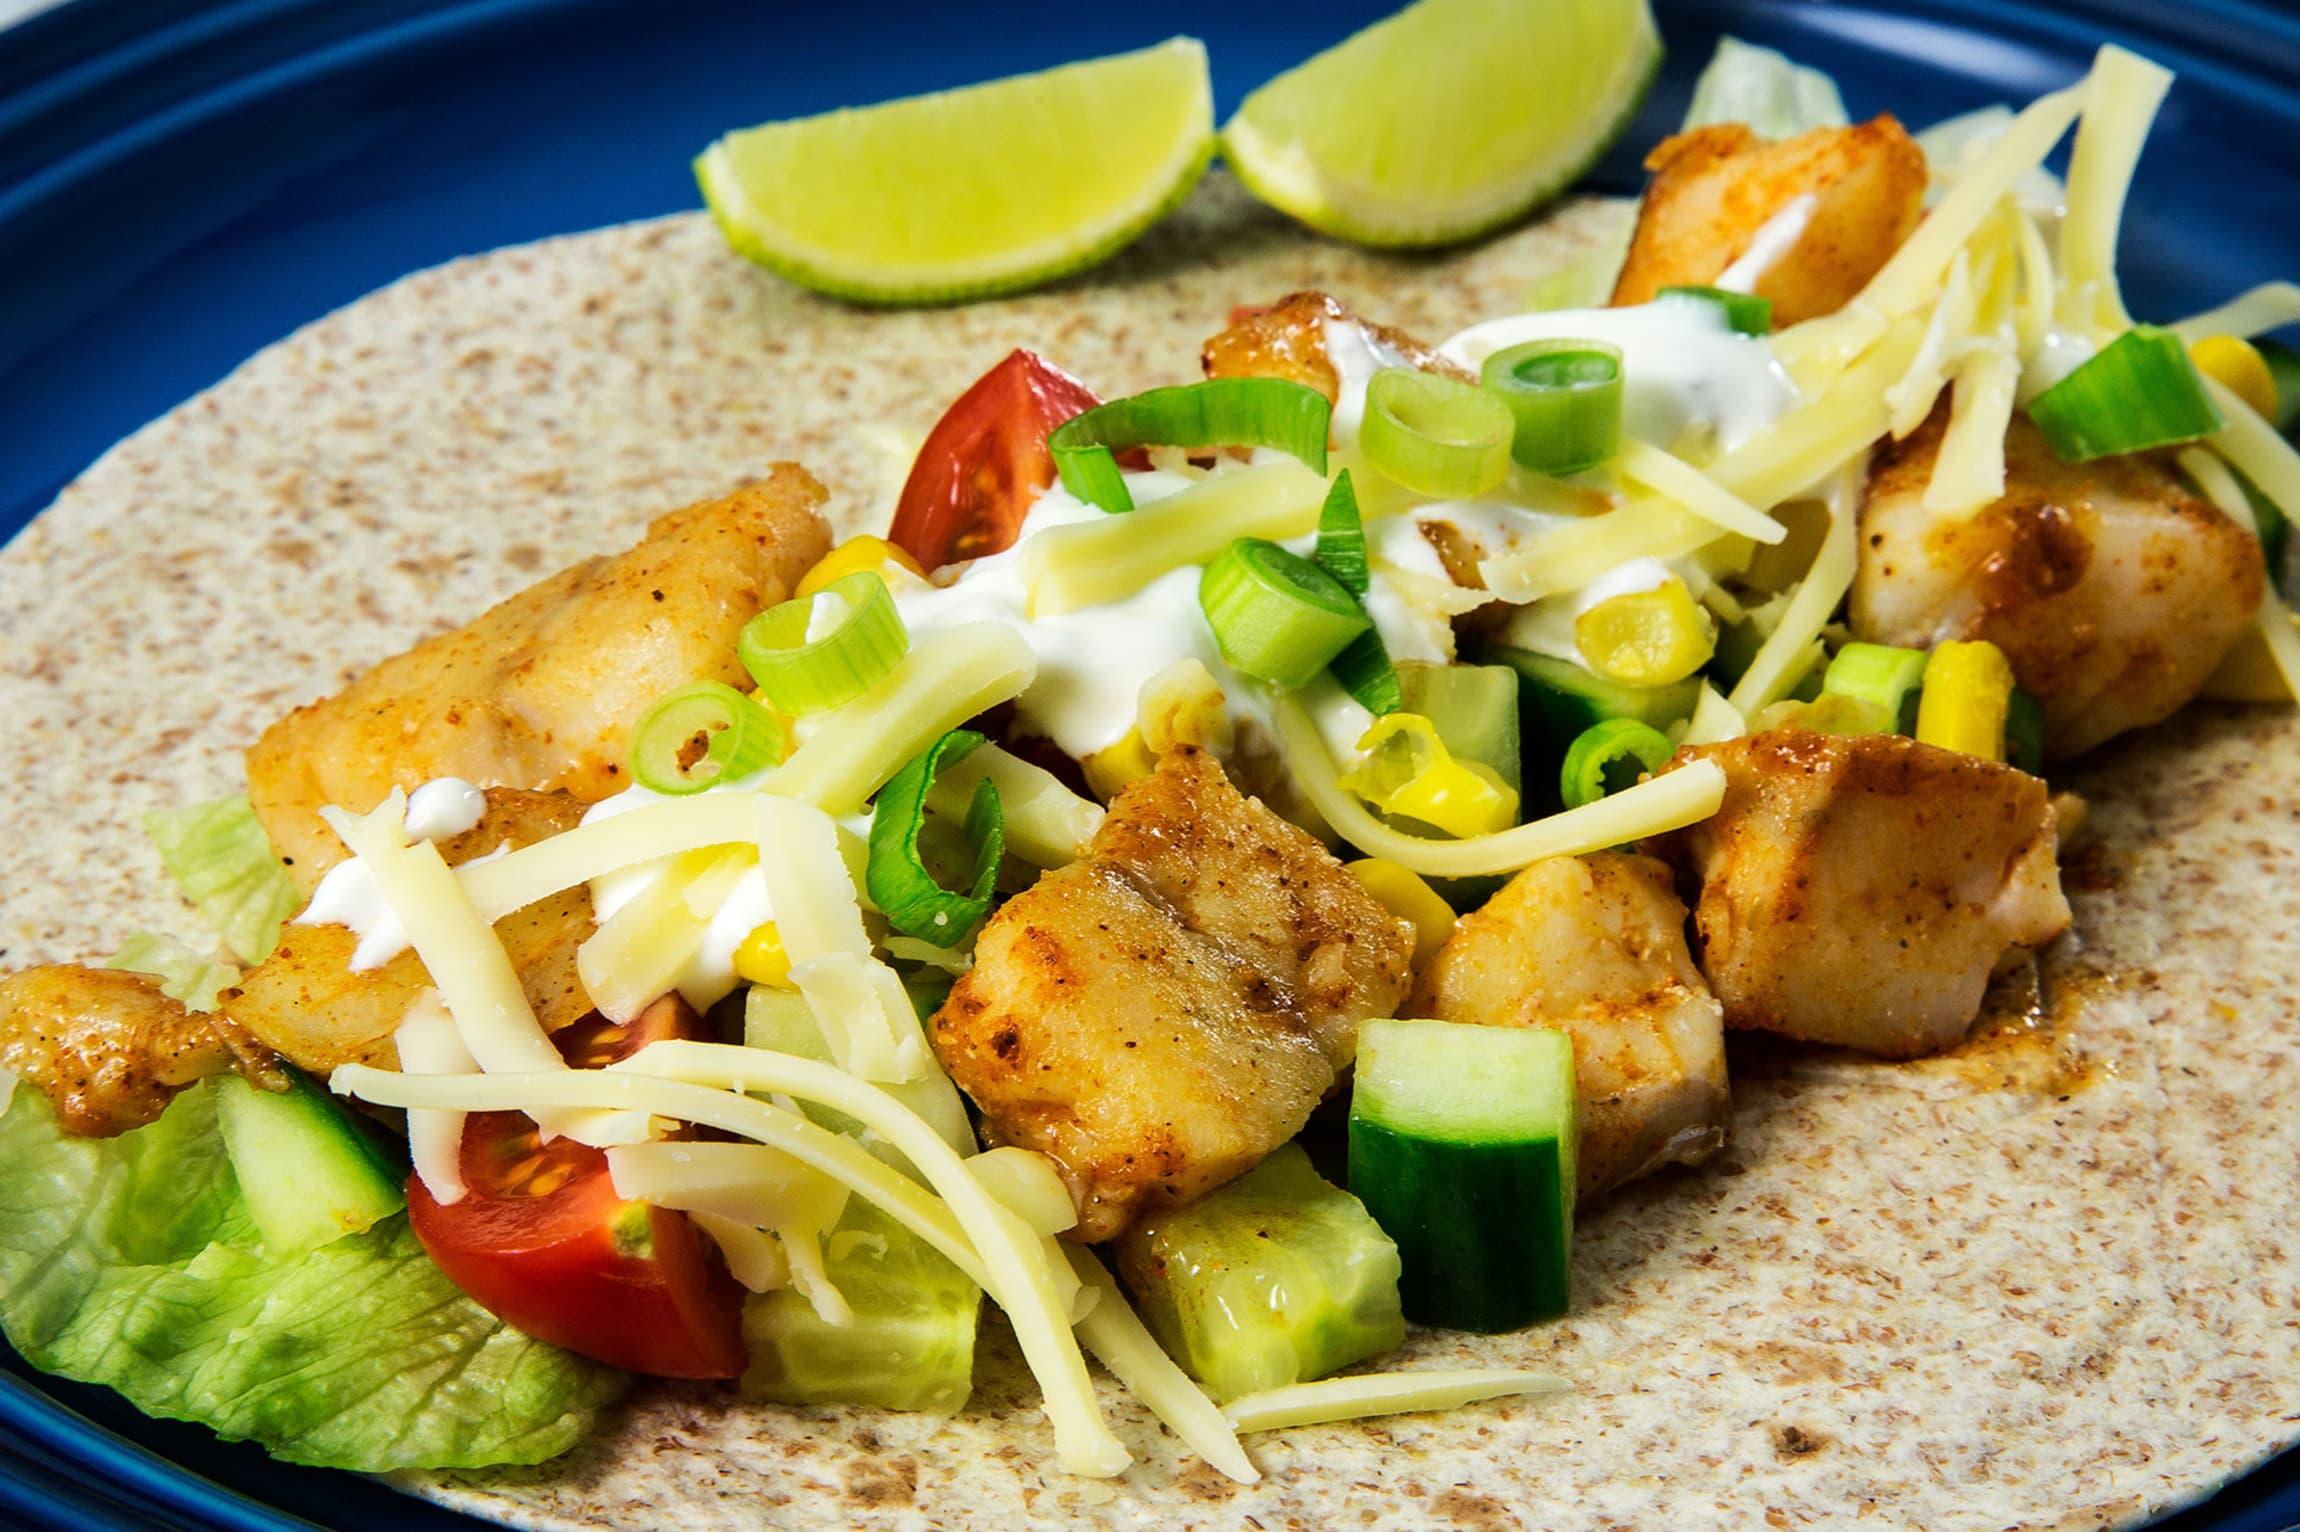 Prøv en ny vri på fredagstacoen og bytt ut kjøttdeigen med skrei! Den trives godt sammen med både guacamole, salsa og tacokrydder.